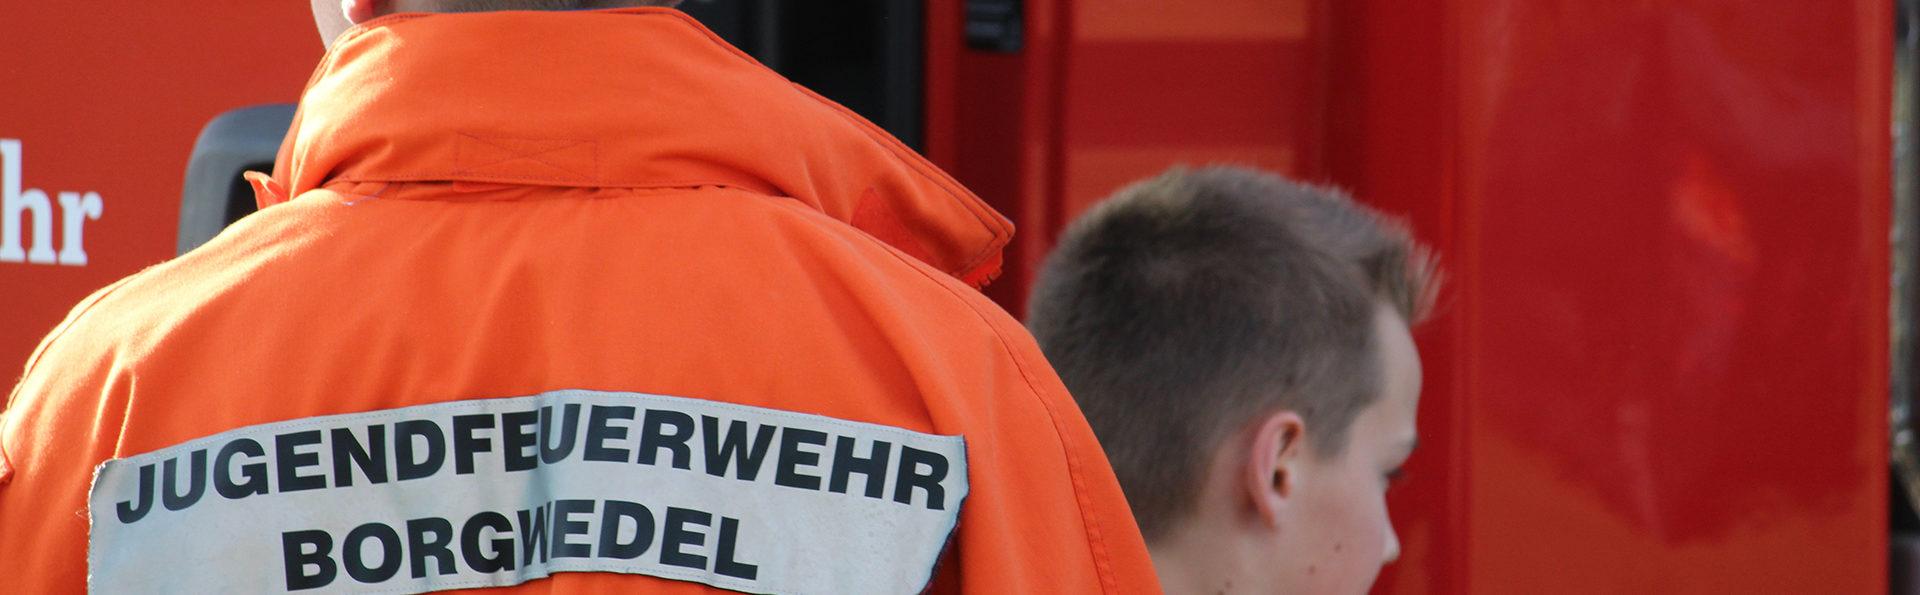 Permalink auf:Jugendfeuerwehr Borgwedel